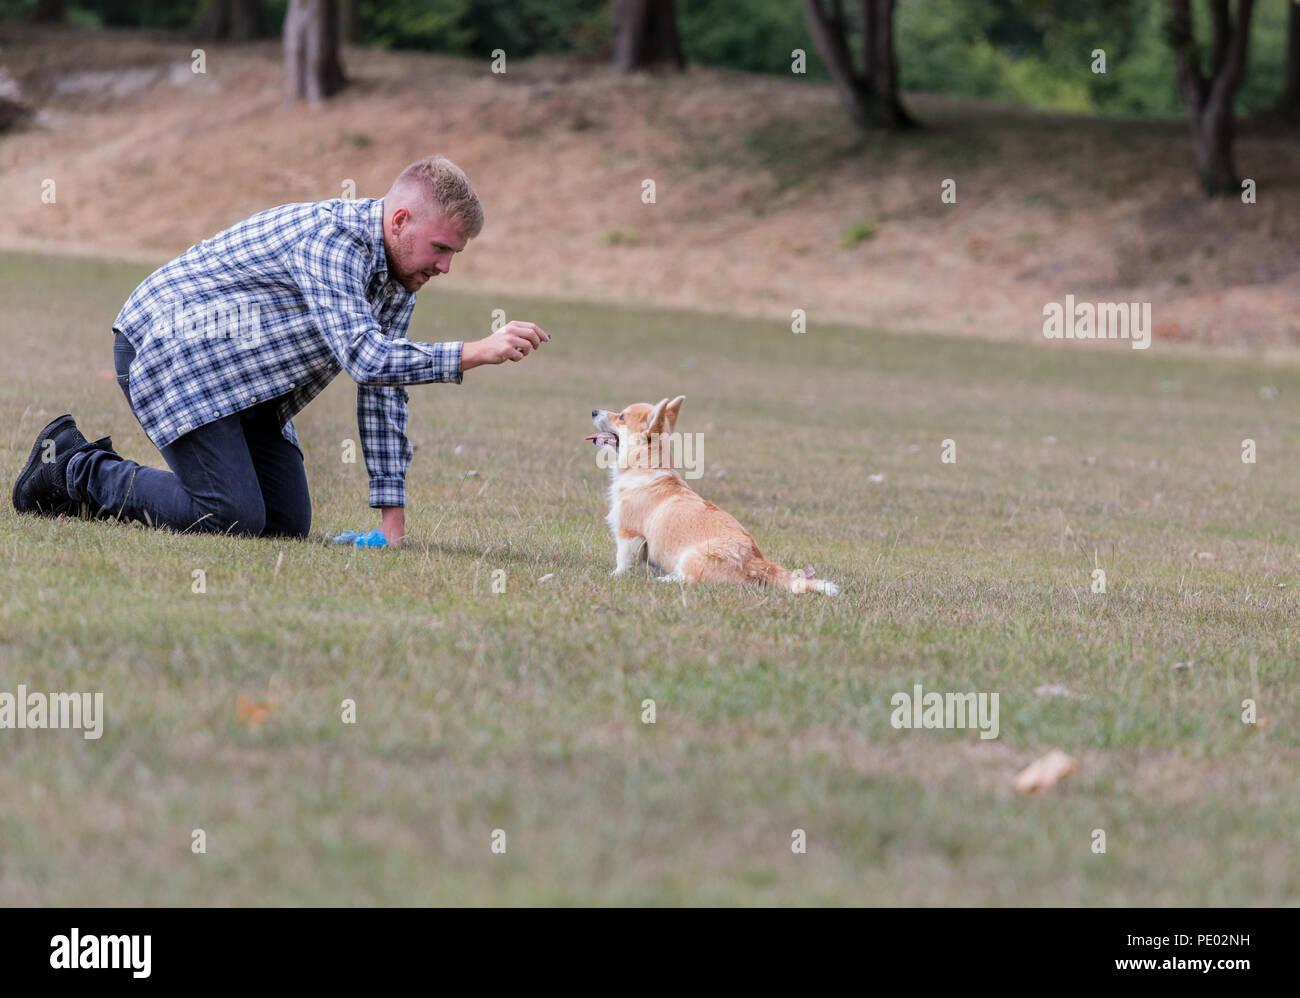 4 mes de edad Welsh Corgi Pembroke cachorro en un paseo con su dueño macho en la campiña, Oxfordshire, REINO UNIDO Foto de stock